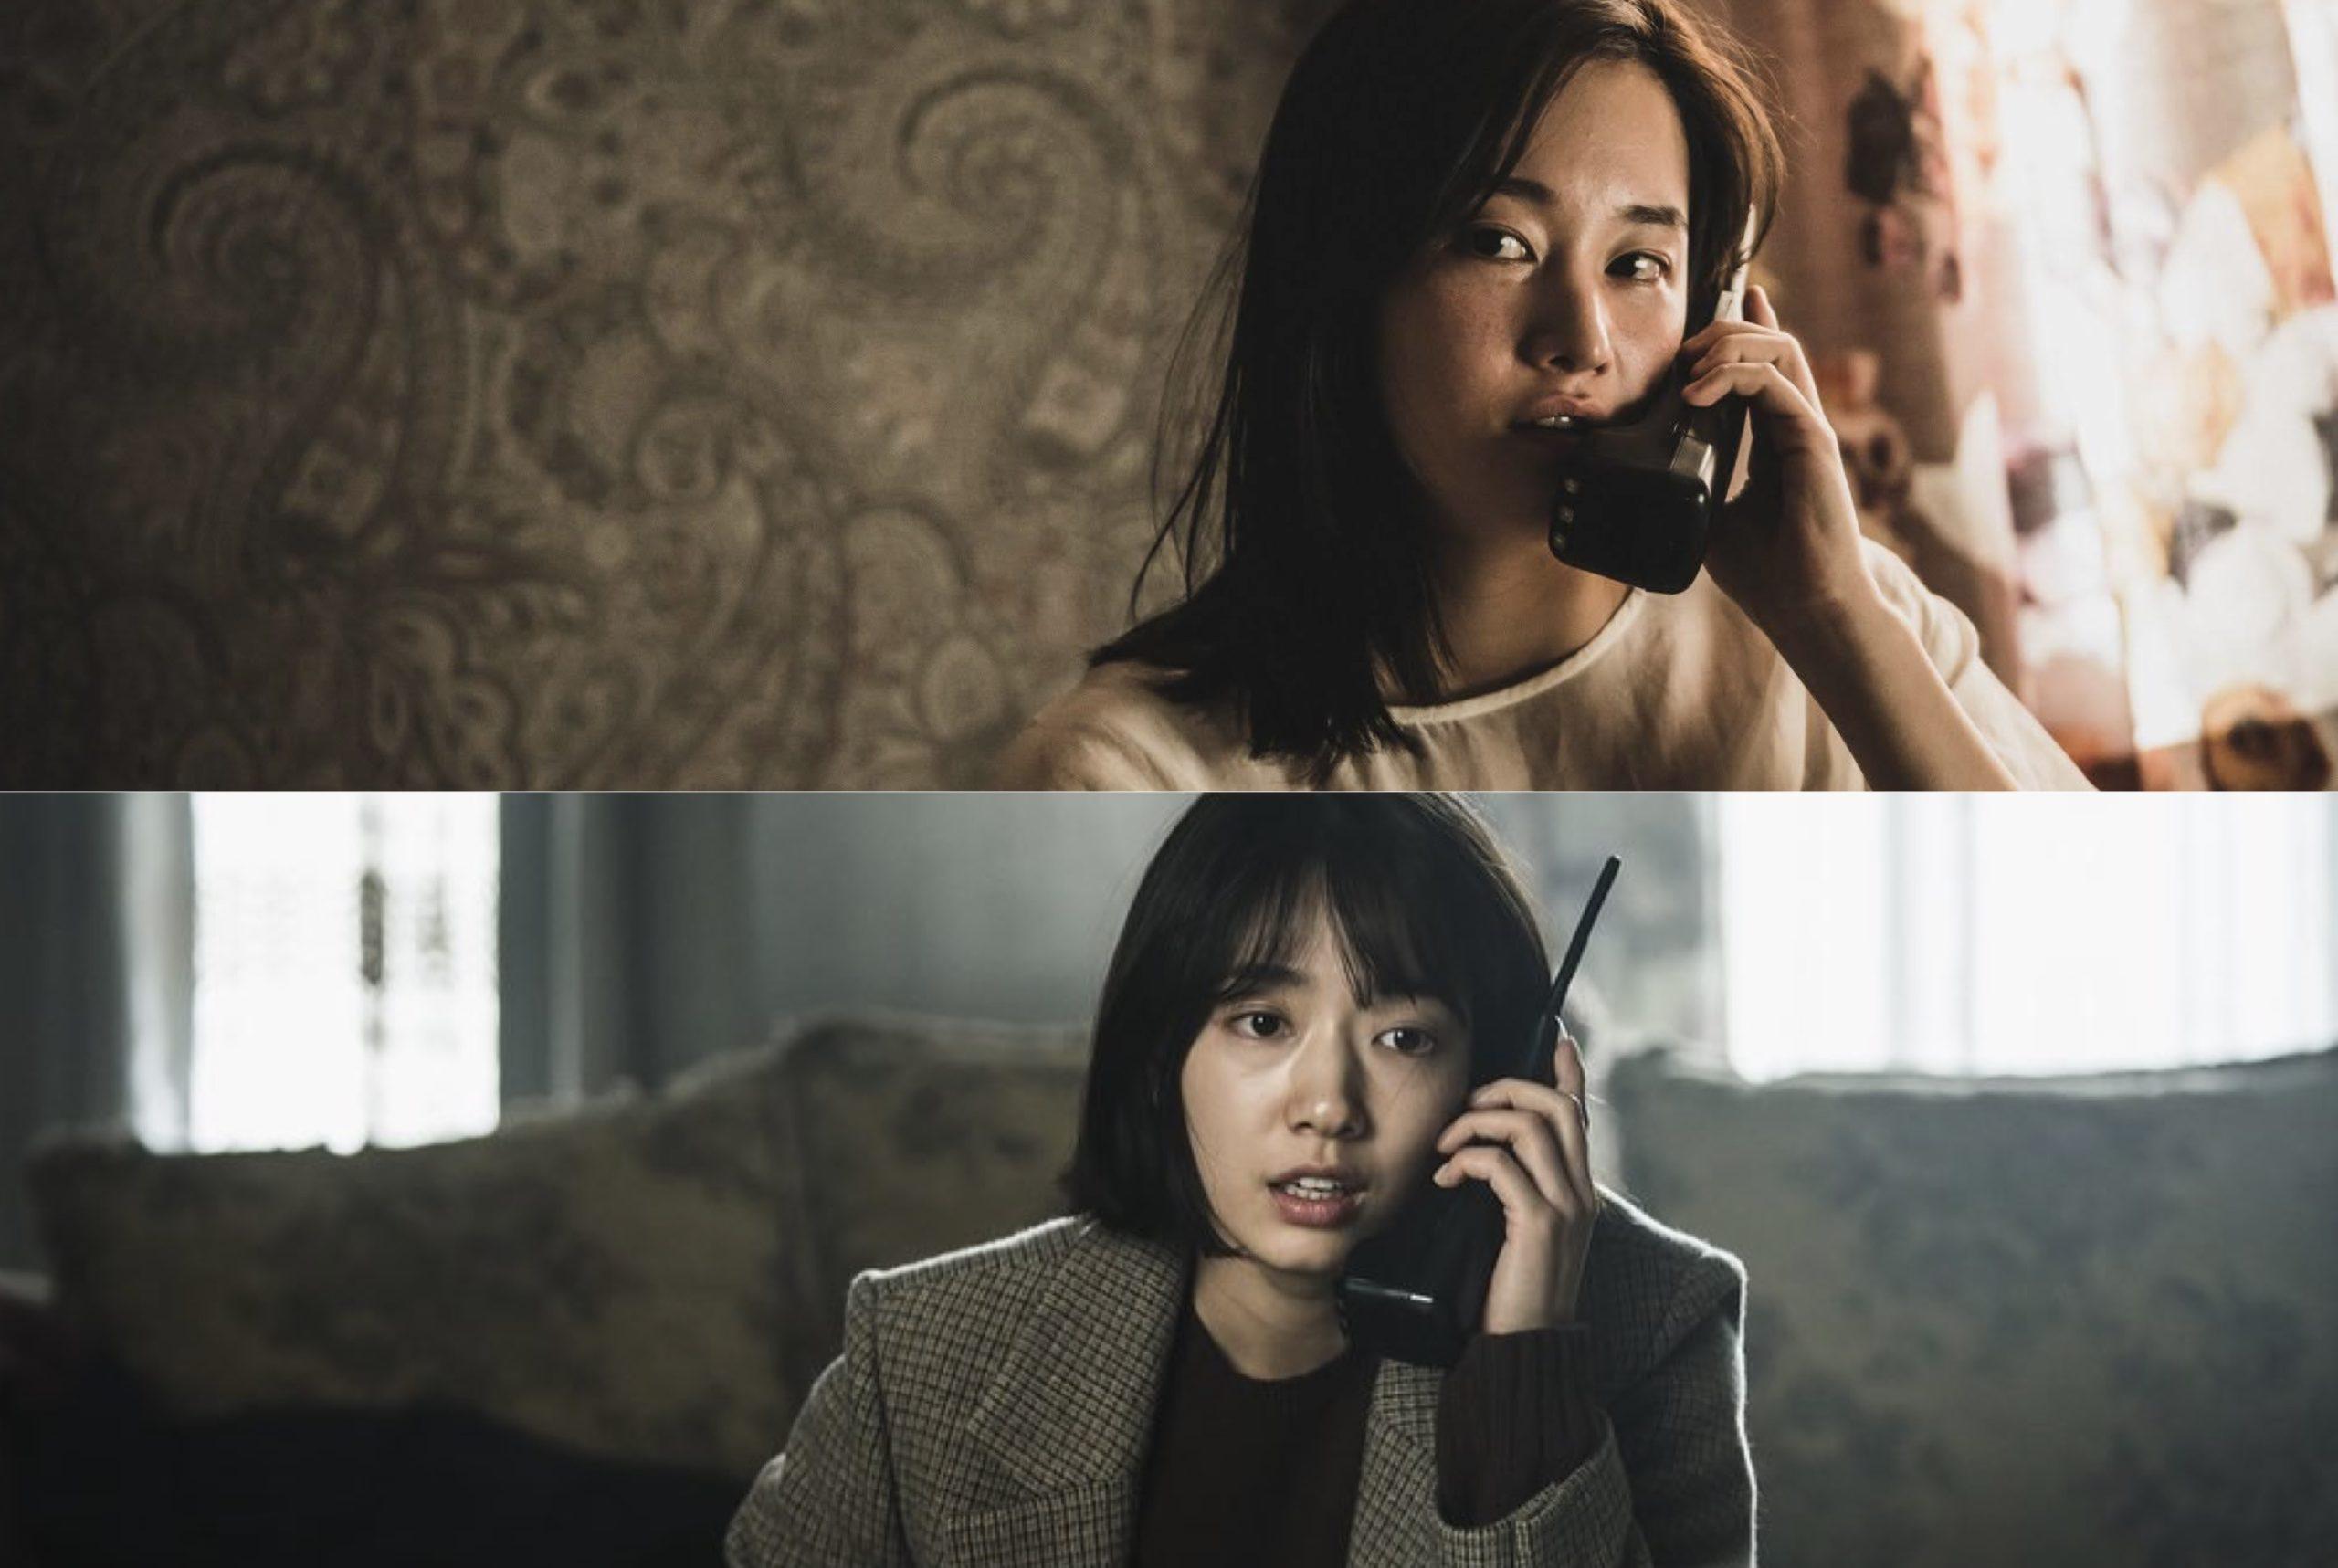 A imagem é uma montagem com duas cenas do filme. Na parte superior da imagem, está uma cena da personagem Seo Yeon falando ao telefone. Seo é uma mulher de traços orientais, cabelos castanhos na altura dos ombros e que veste uma camiseta branca. Ao fundo é possível ver uma parede com desenhos e uma cortina com um pouco de luz atravessando. Na parte inferior da imagem, está a personagem Young Sook, também falando ao telefone. Young Sook é uma mulher de traços orientais, cabelos pretos acima dos ombros e que veste uma blusa preta com um casaco xadrez. Ao fundo é possível ver o sofá, ela aparenta estar na sala de sua casa.